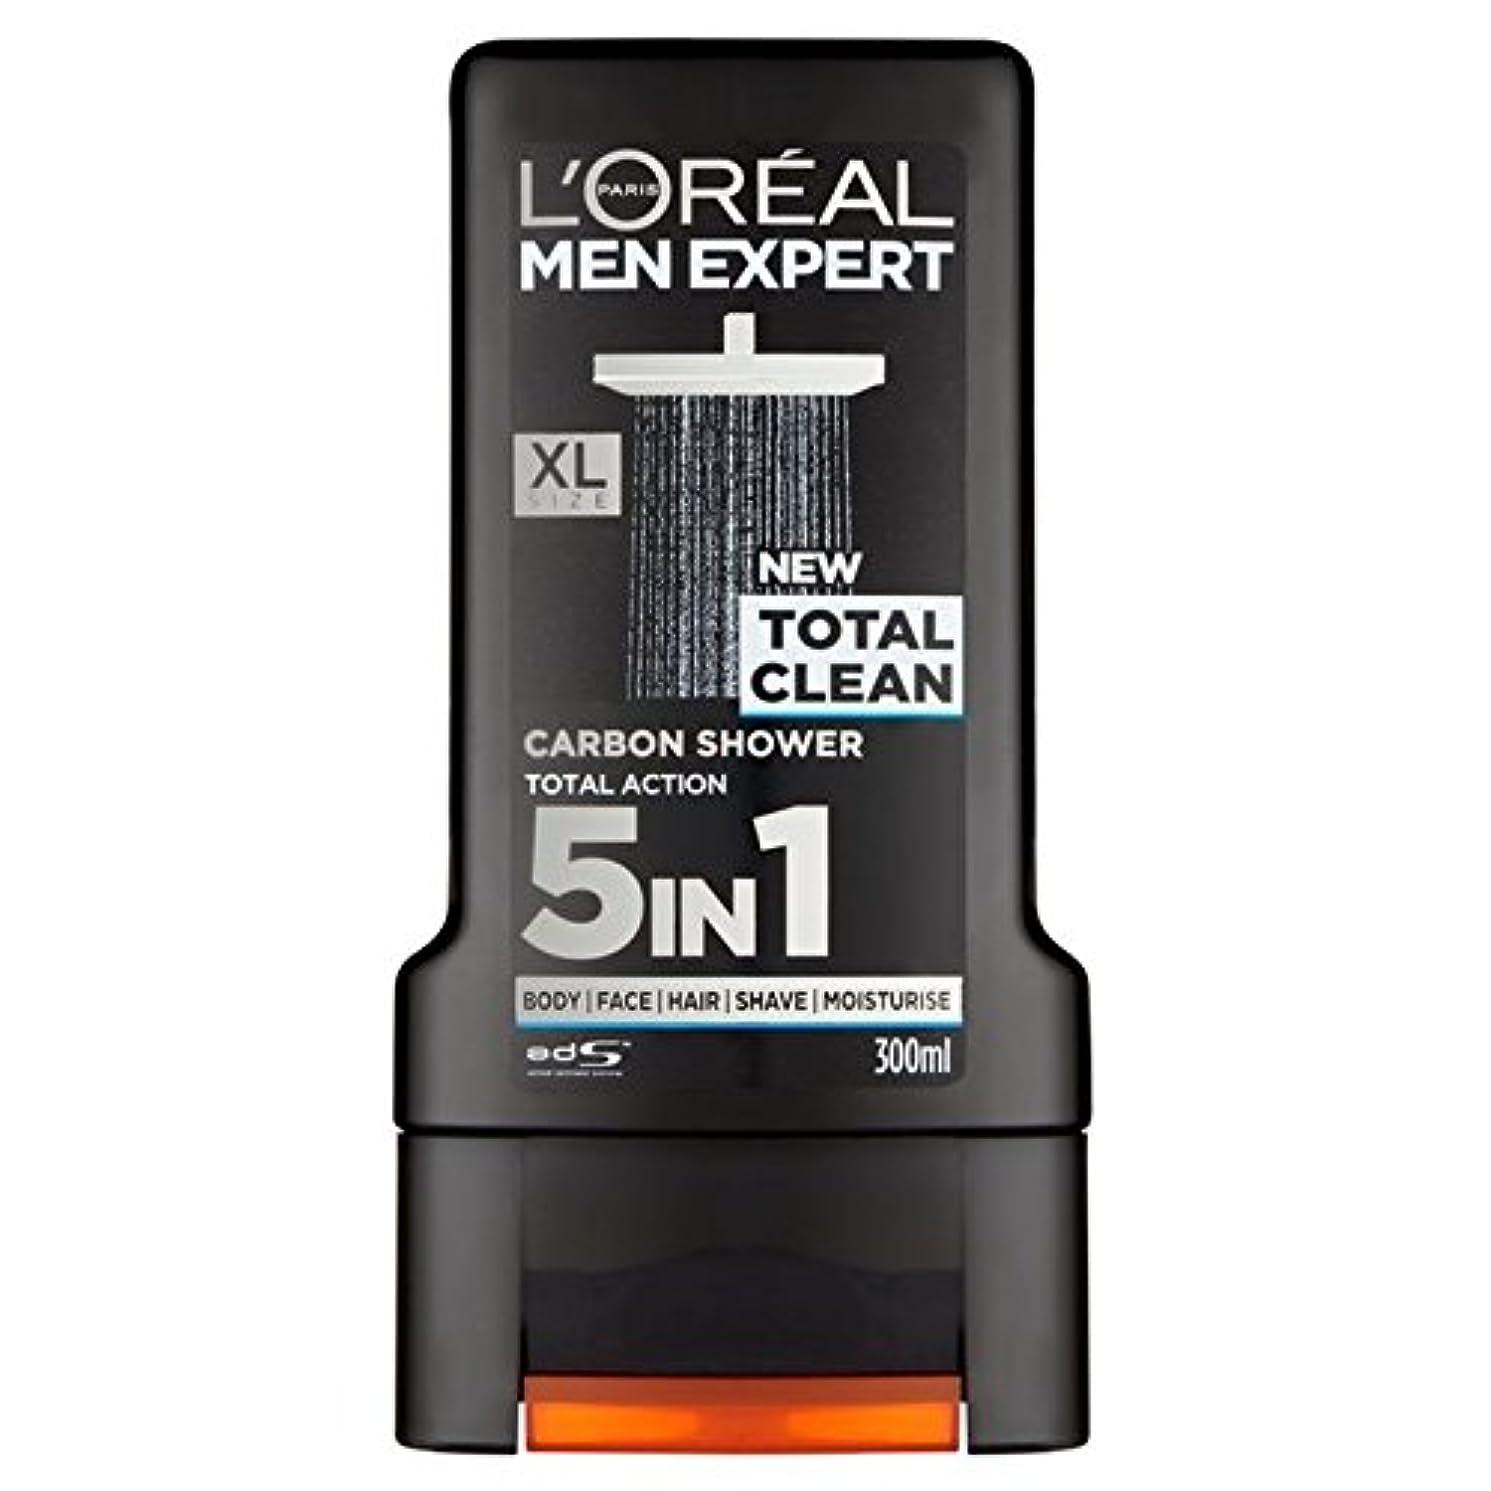 少数収穫一晩ロレアルパリのメンズ専門トータルクリーンシャワージェル300ミリリットル x4 - L'Oreal Paris Men Expert Total Clean Shower Gel 300ml (Pack of 4) [並行輸入品]